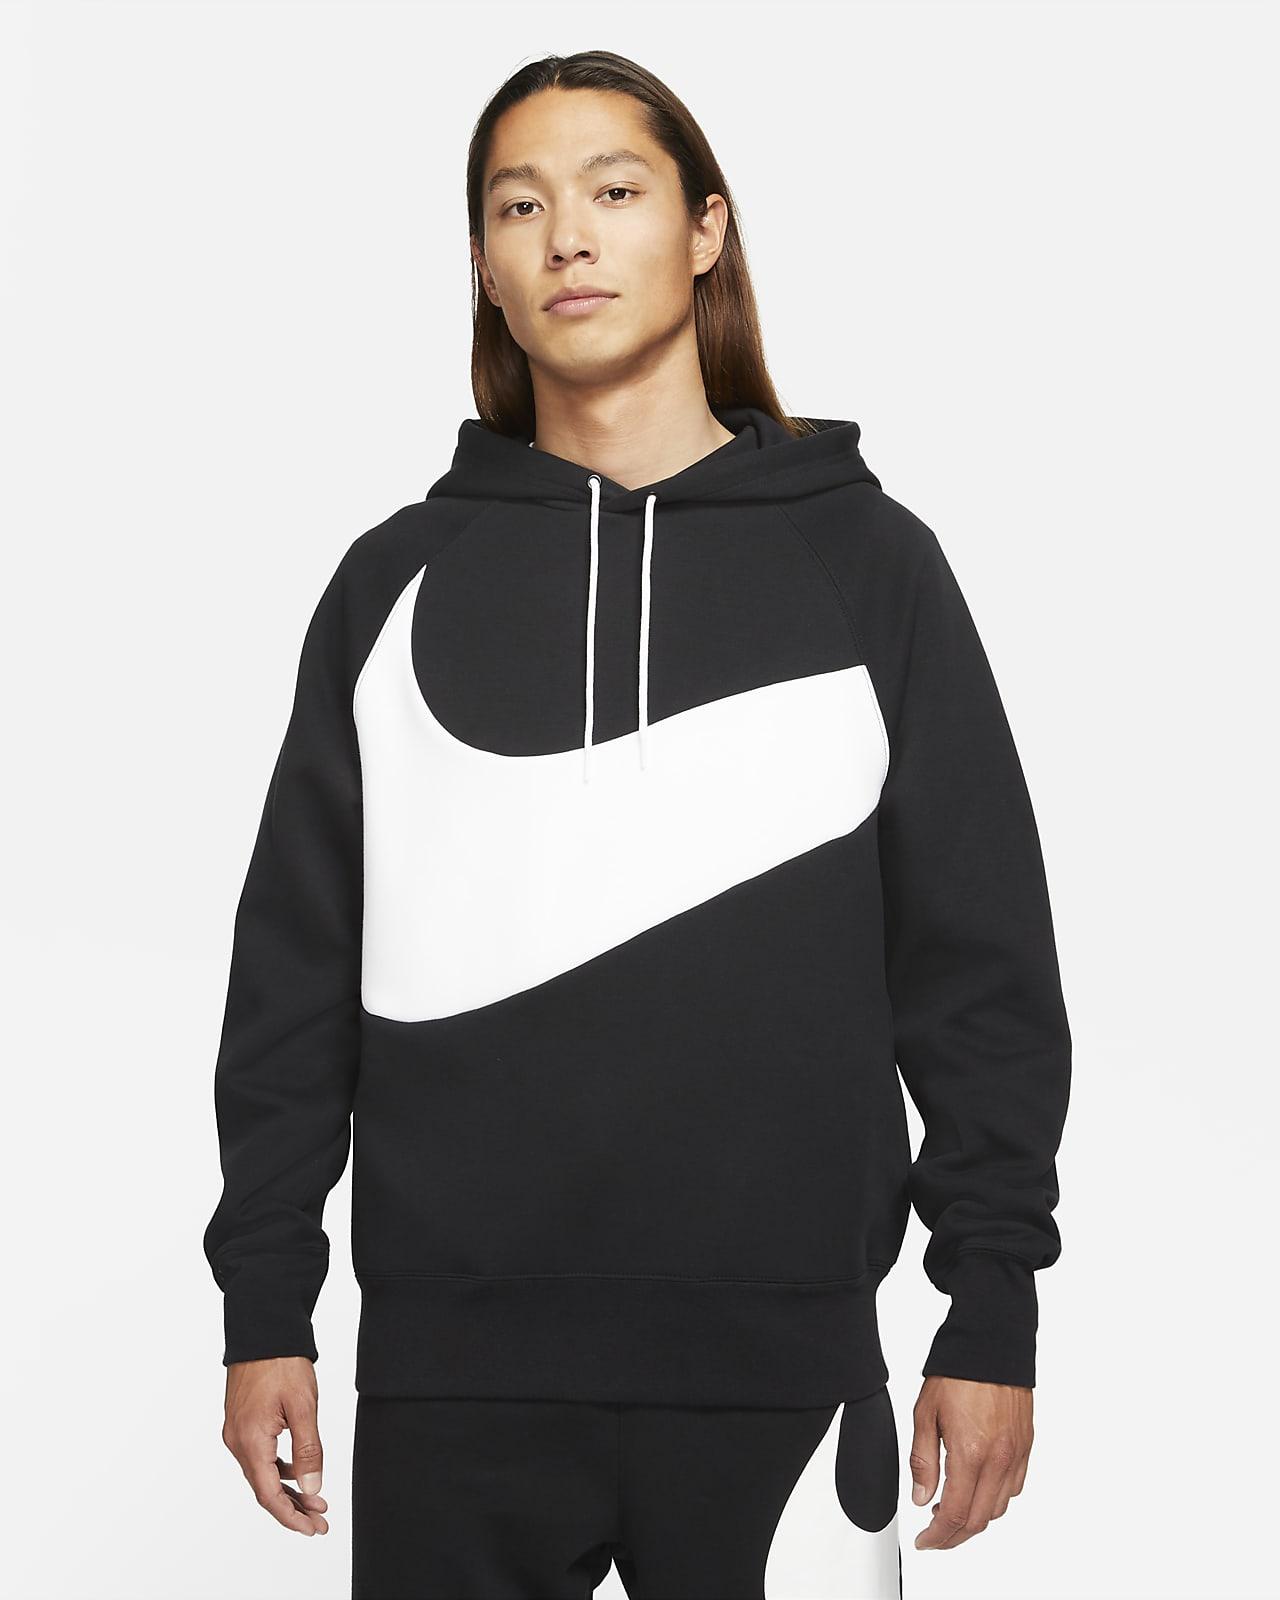 Nike Sportswear Swoosh Tech Fleece 男款套頭連帽上衣